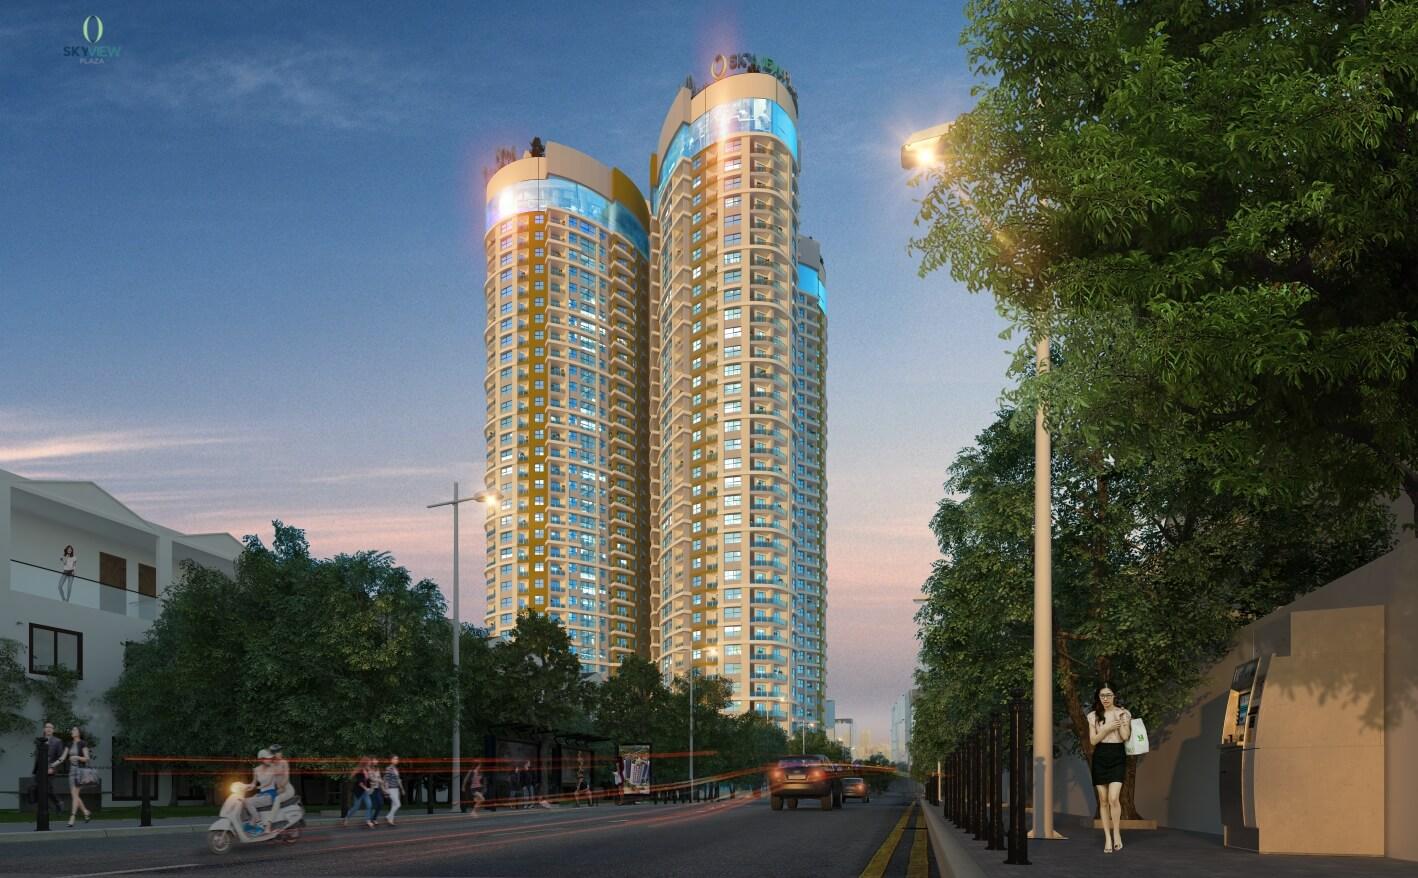 Sky View Plaza nơi an cư lý tưởng khu phía Nam Hà Nội